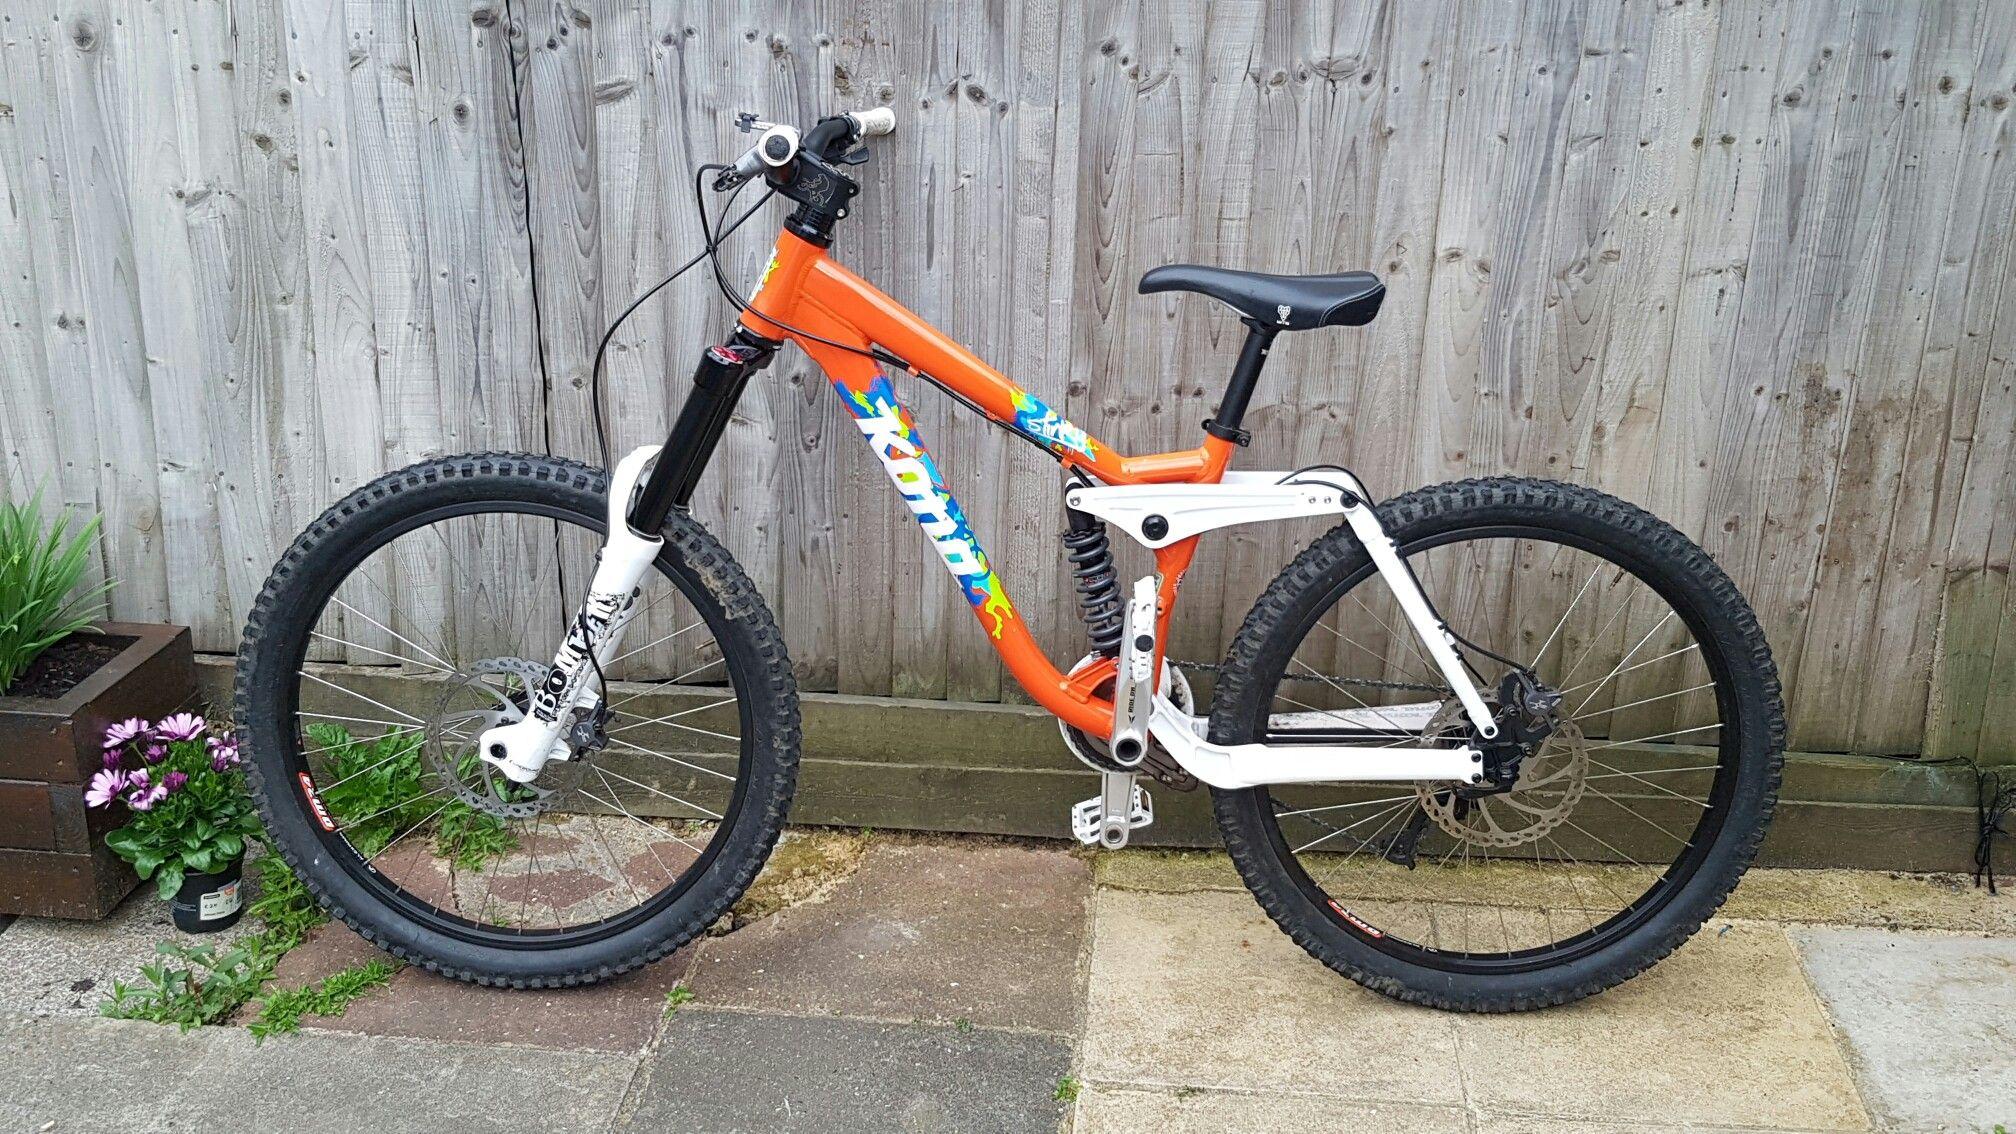 My Kona Stinky Kona Bikes Kona Stinky Bike